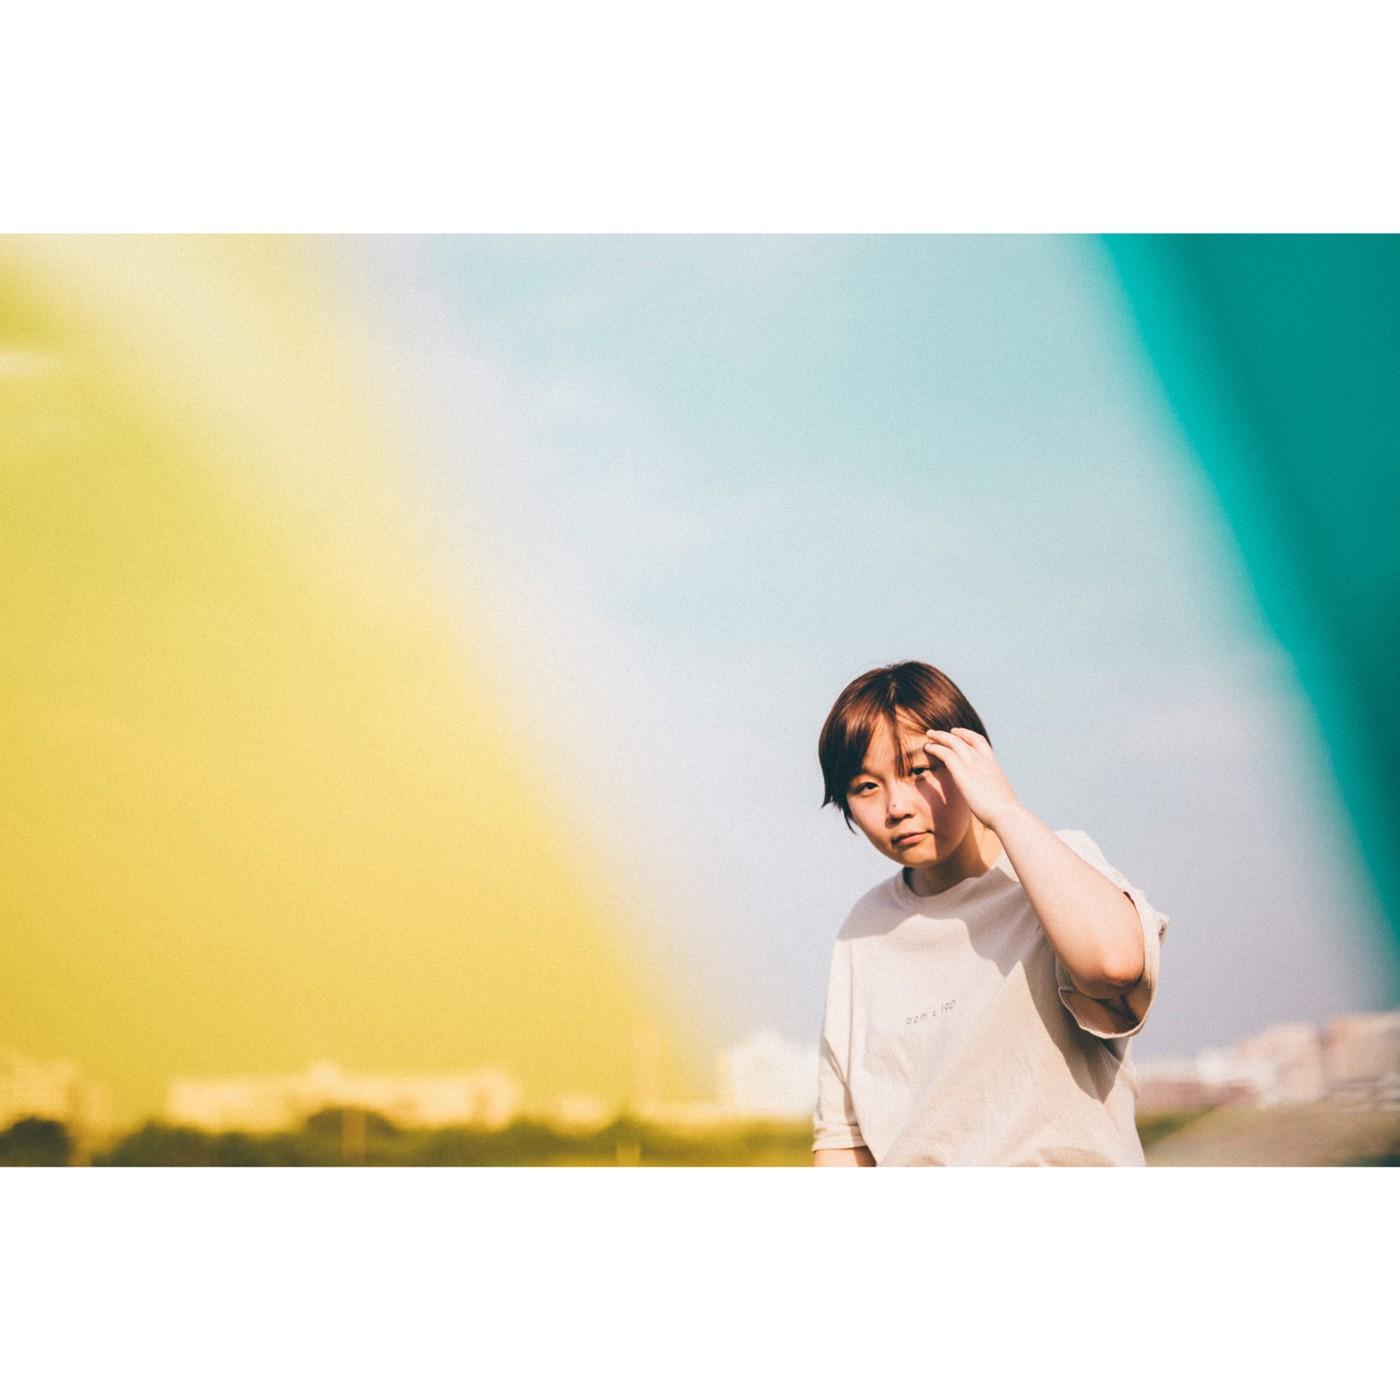 稲見繭 (Mayu Inami) – 夜に / ハナシノブ [FLAC + MP3 320 / WEB] [2018.08.01]